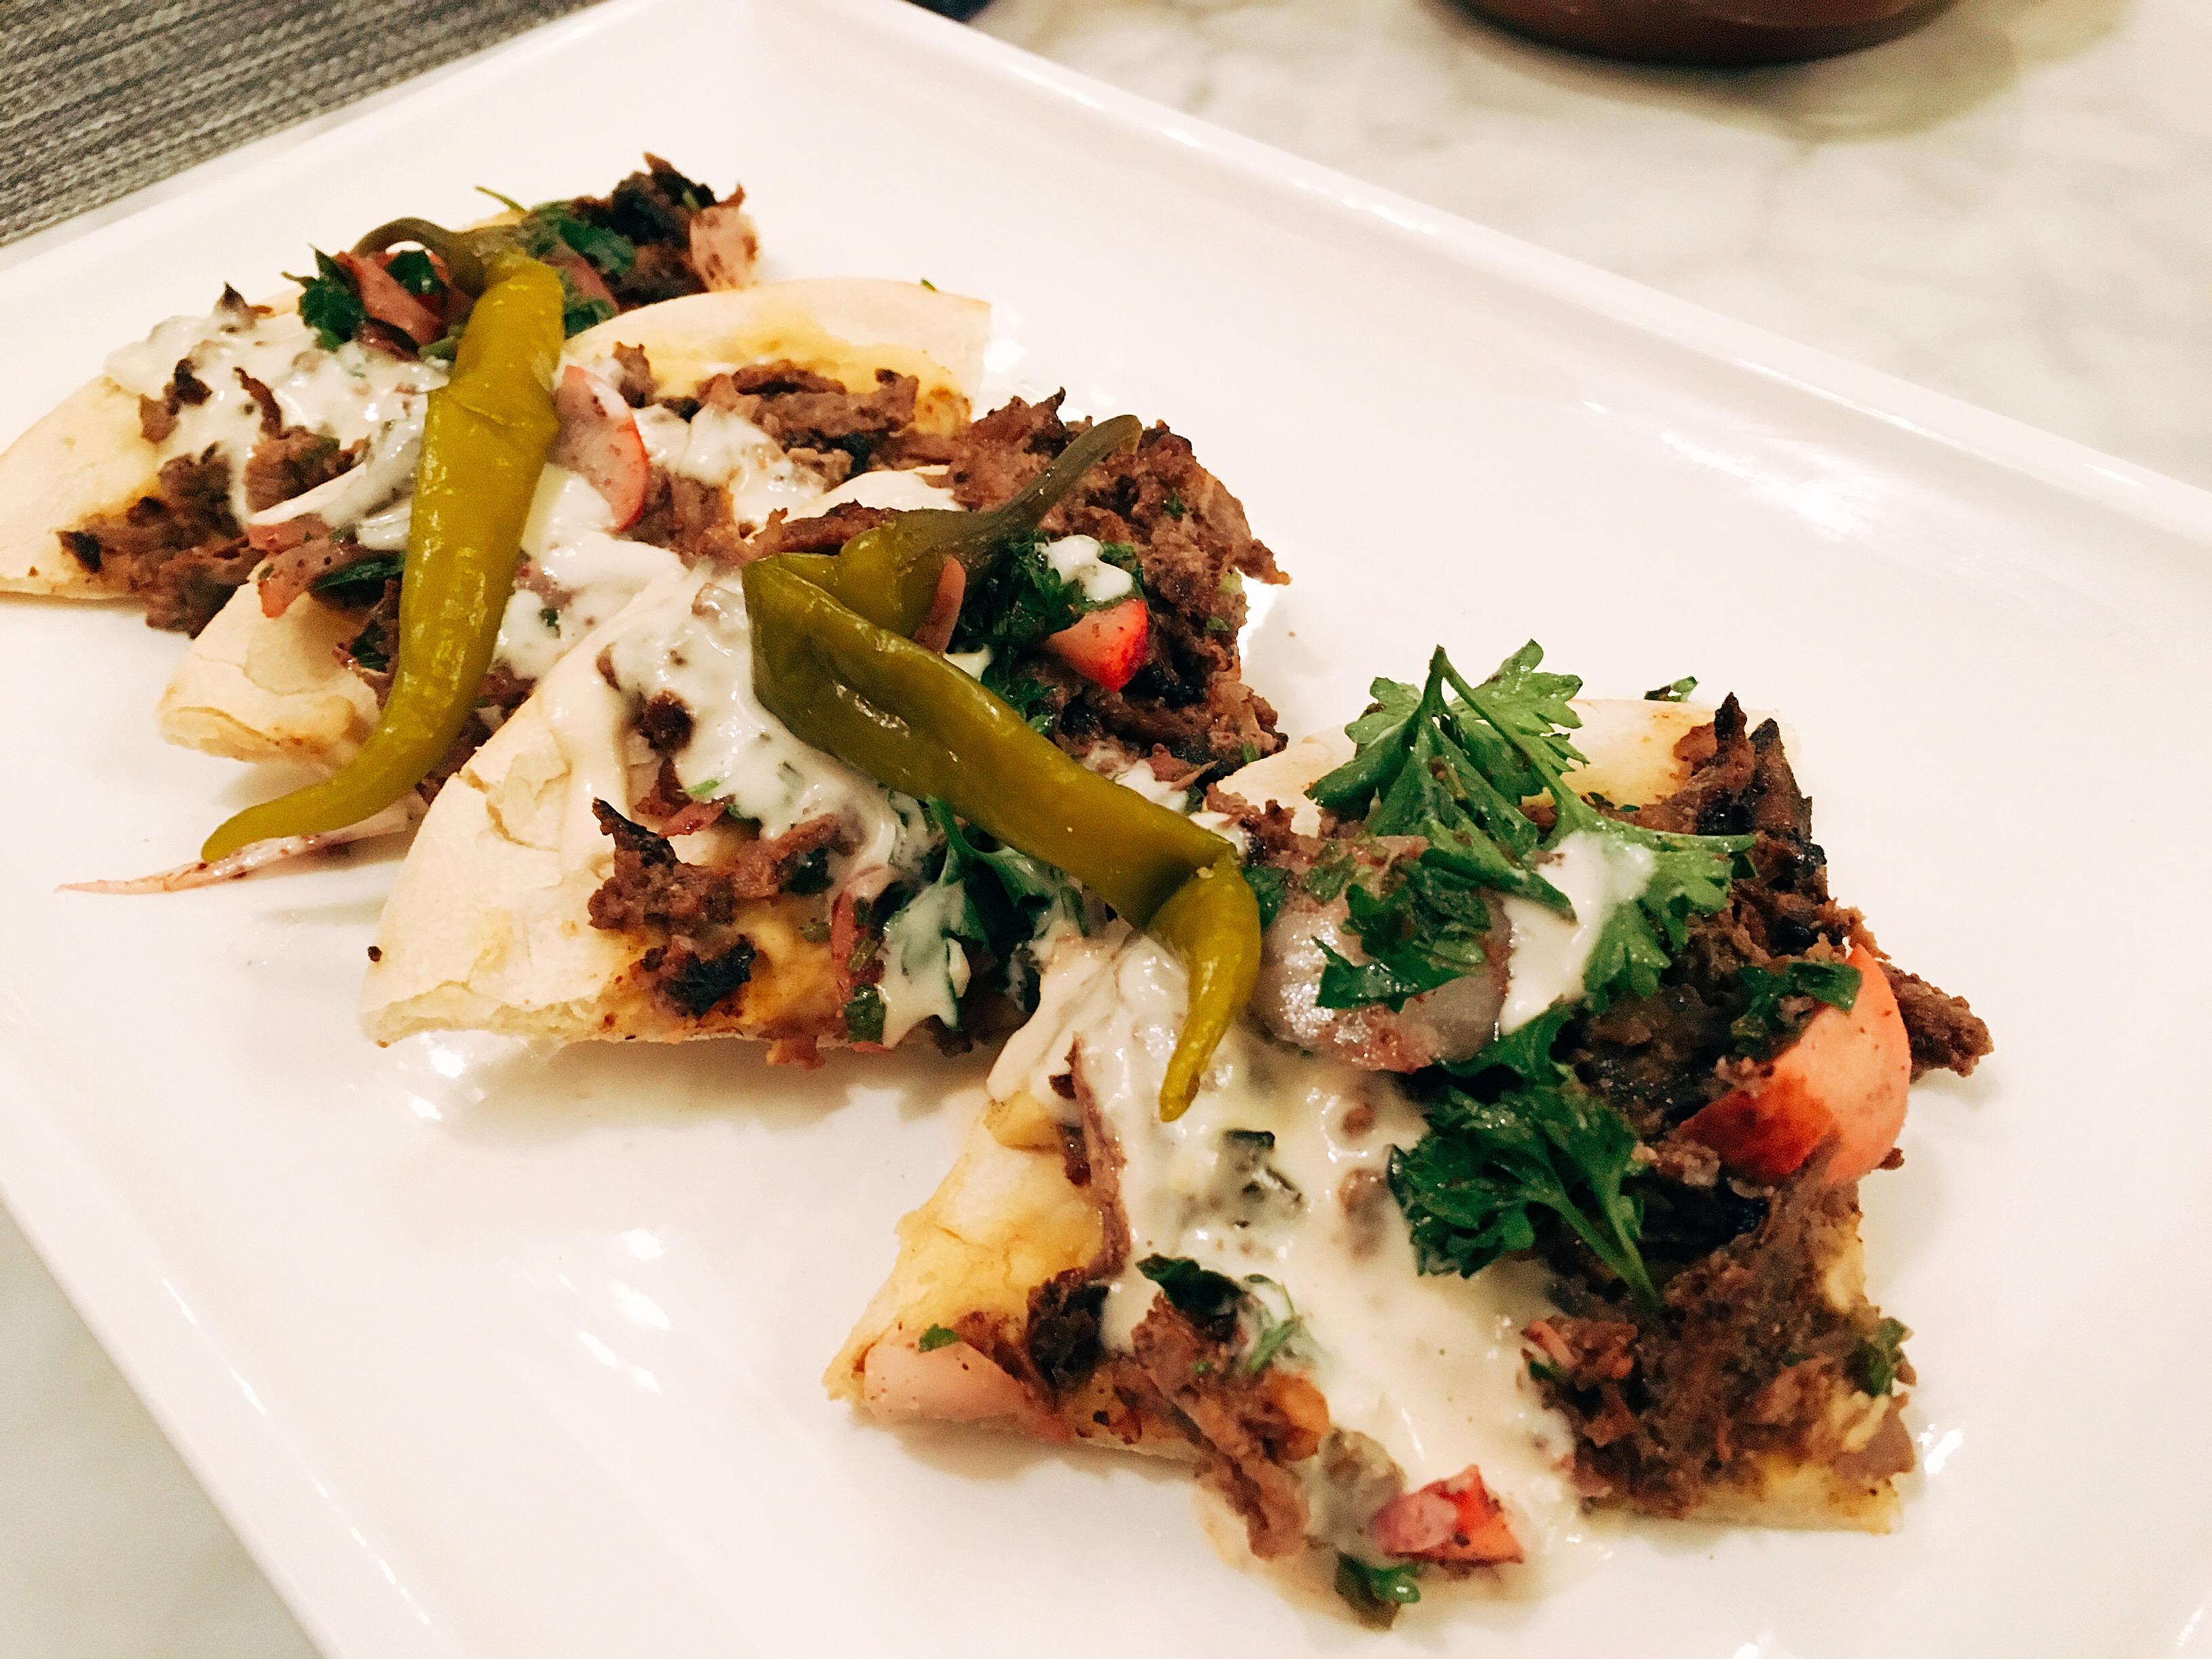 Beef shawarma flatbread.